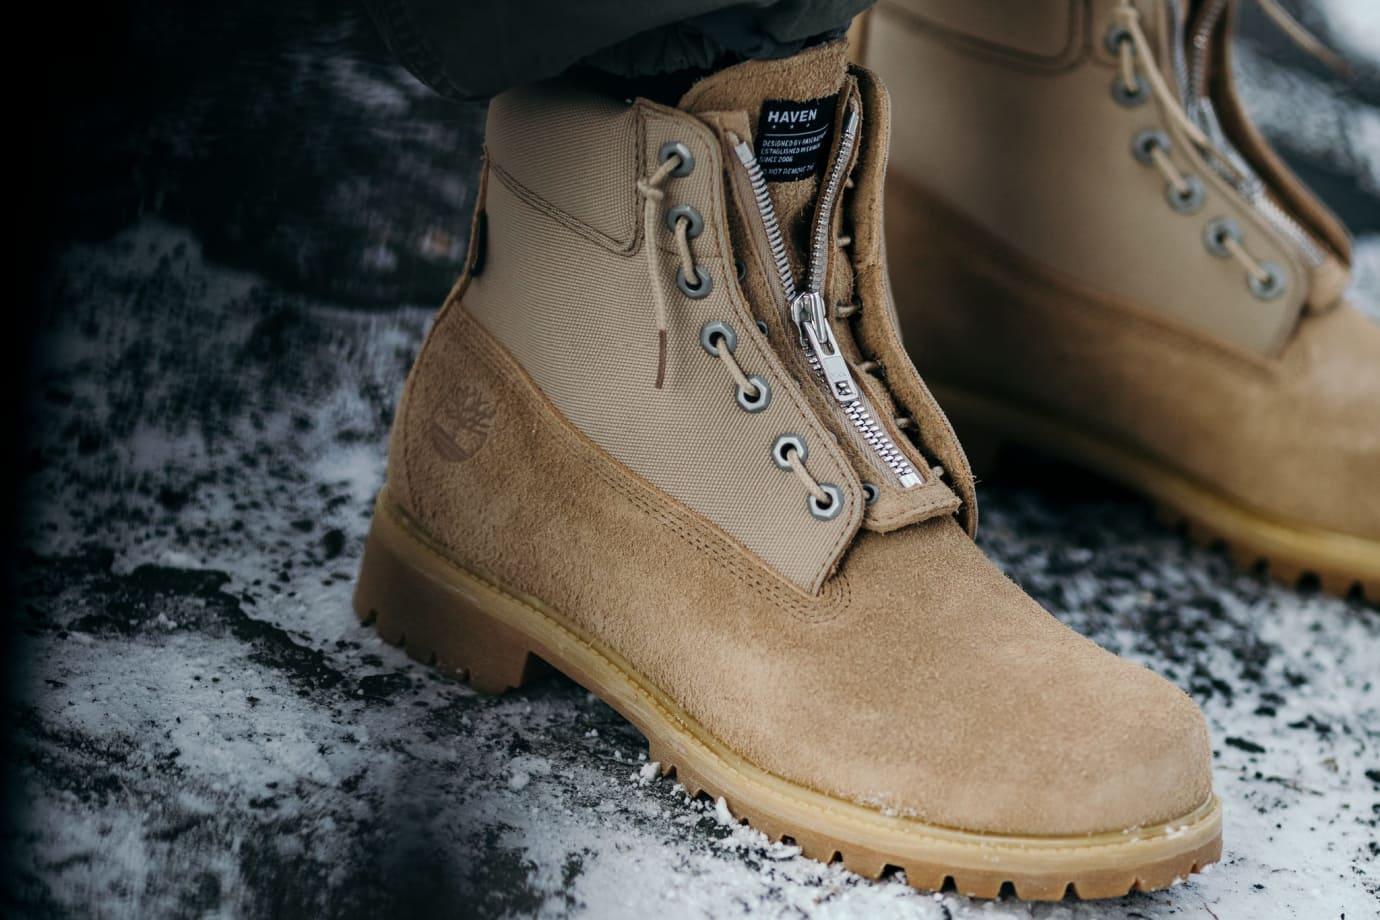 haven timberland 6 inch 2019 05 - HAVEN e Timberland estreiam botas militaristas em parceria